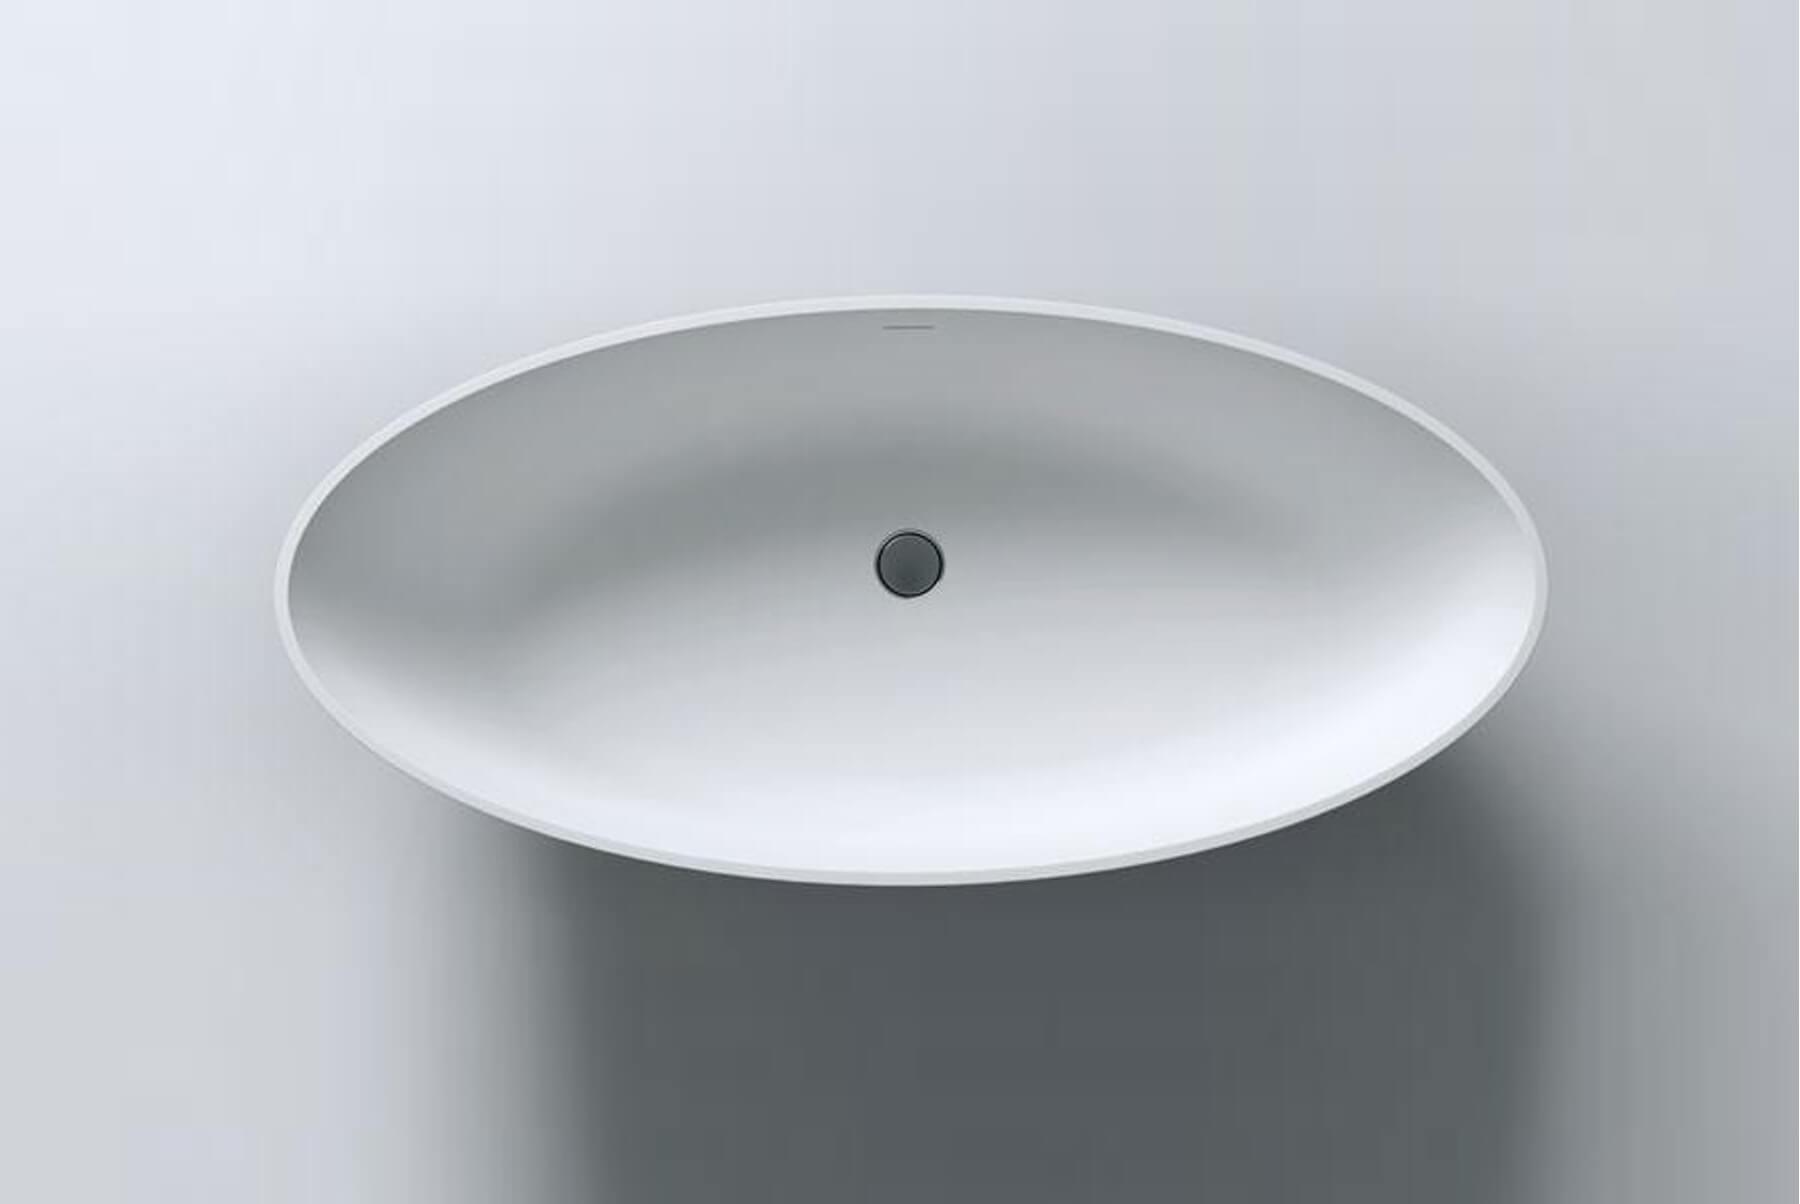 Bath-Tubs-WATERS-ELLIPSE-BATH-TUB-OVERHEAD-1800x1204